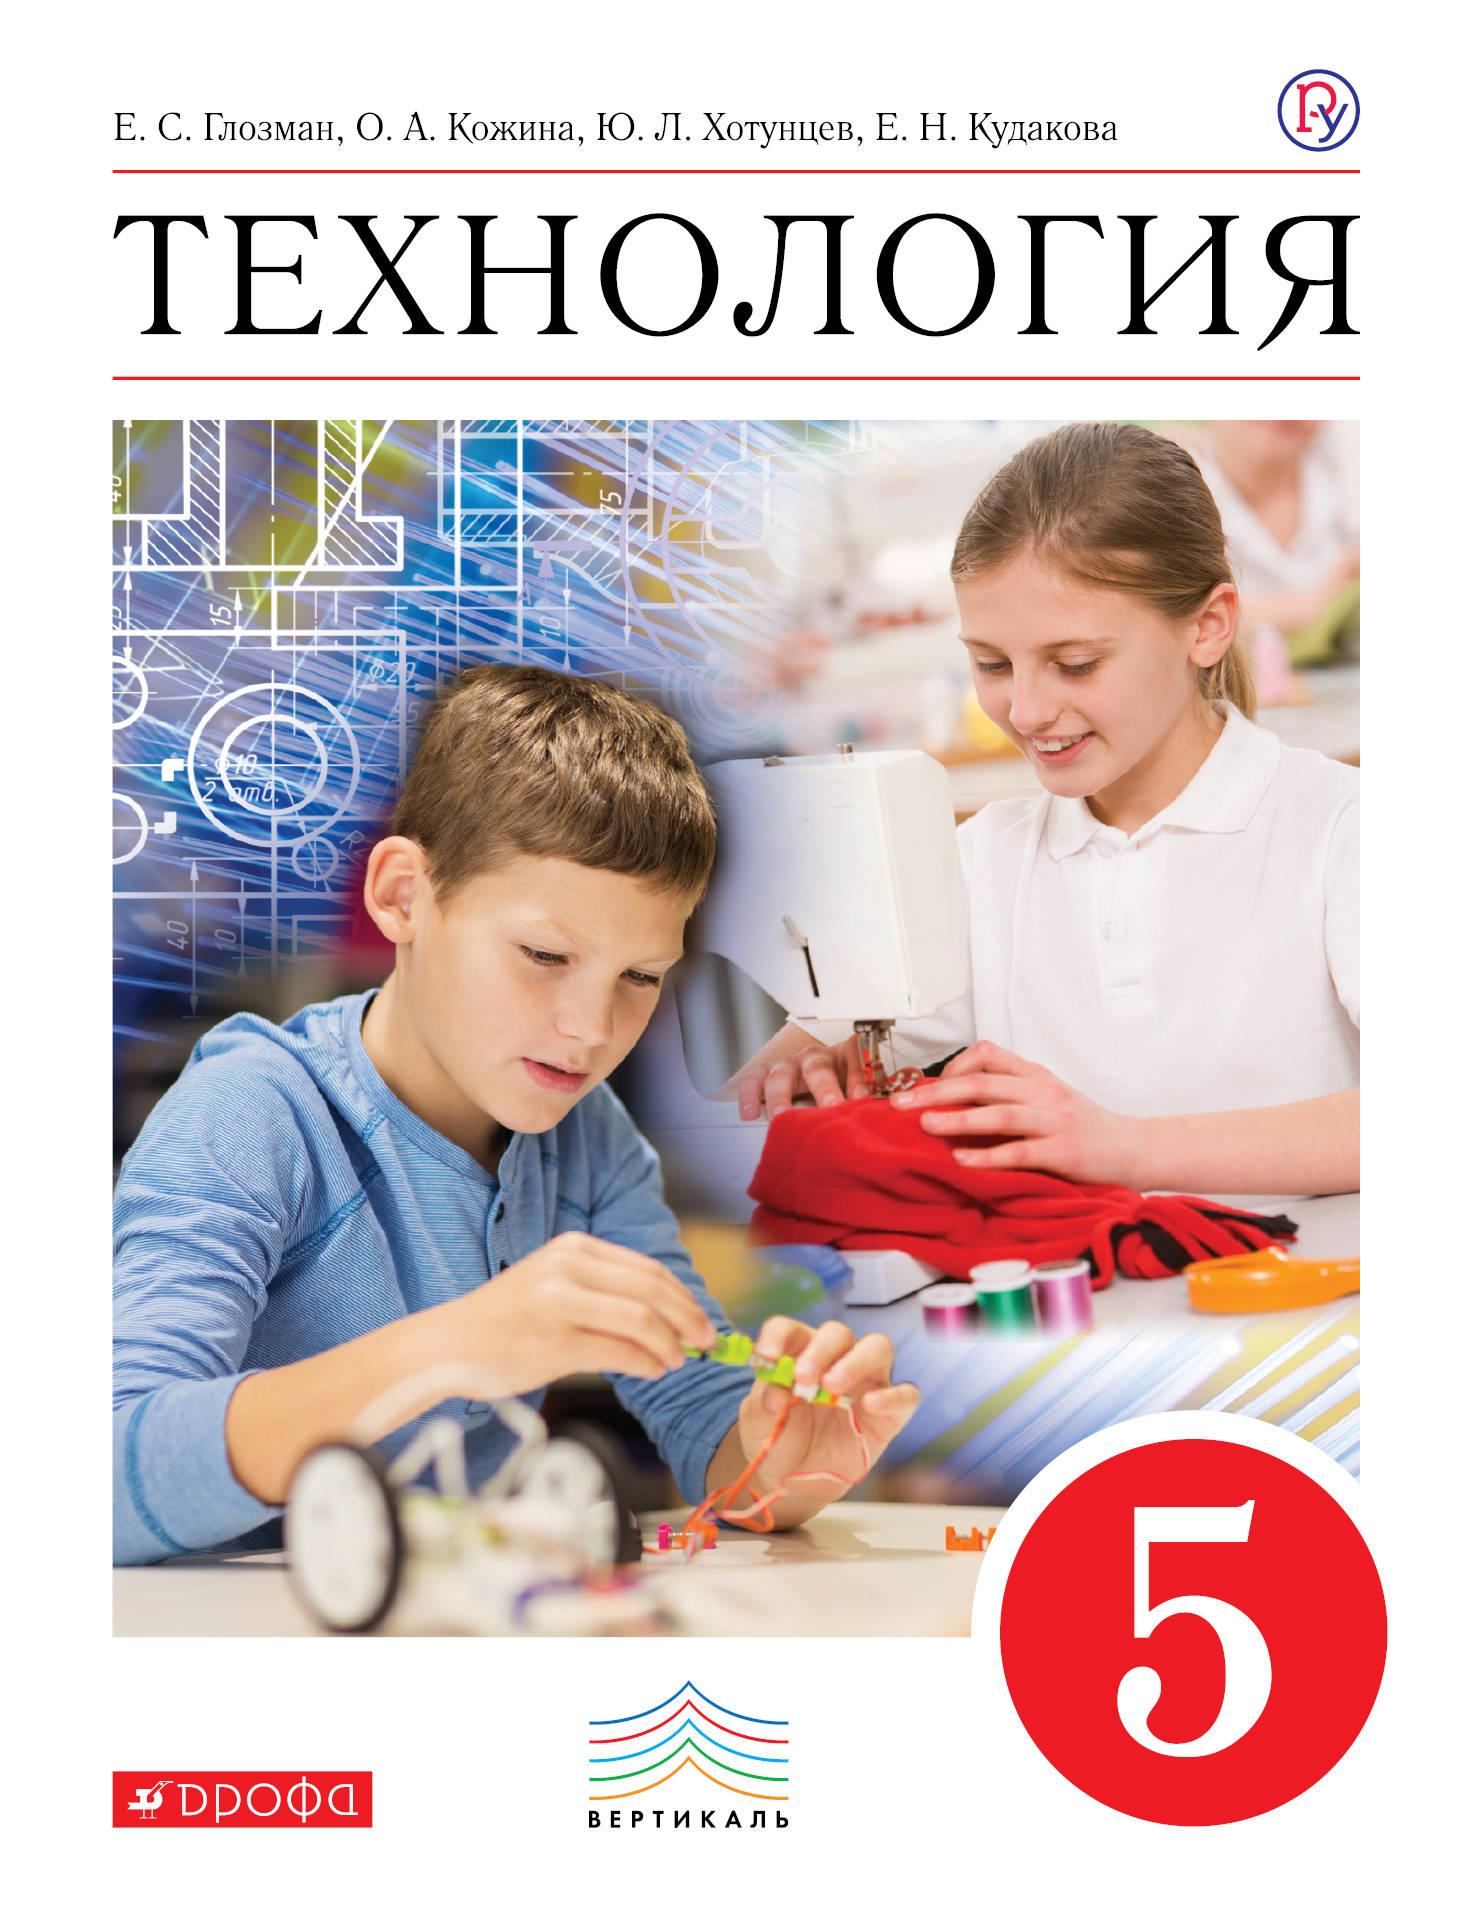 Глозман Е.С., Кожина О.А., Хотунцев Ю.Л., Кудакова Е.Н. * Технология. 5 класс. Учебник.